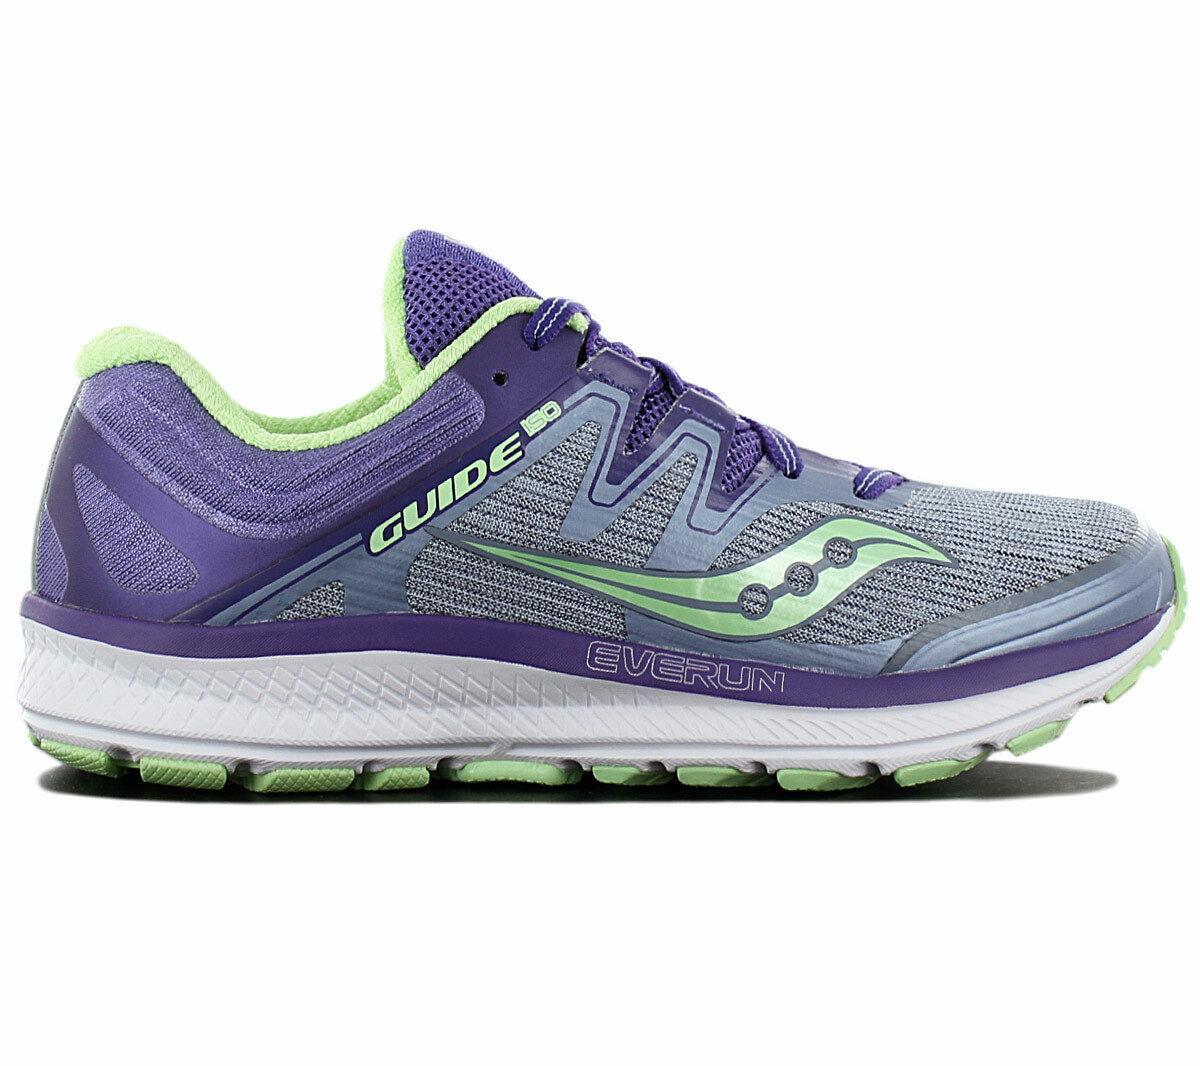 Saucony Guide ISO señora zapatillas púrpuraa s10415-1 running aerobic zapatos nuevo